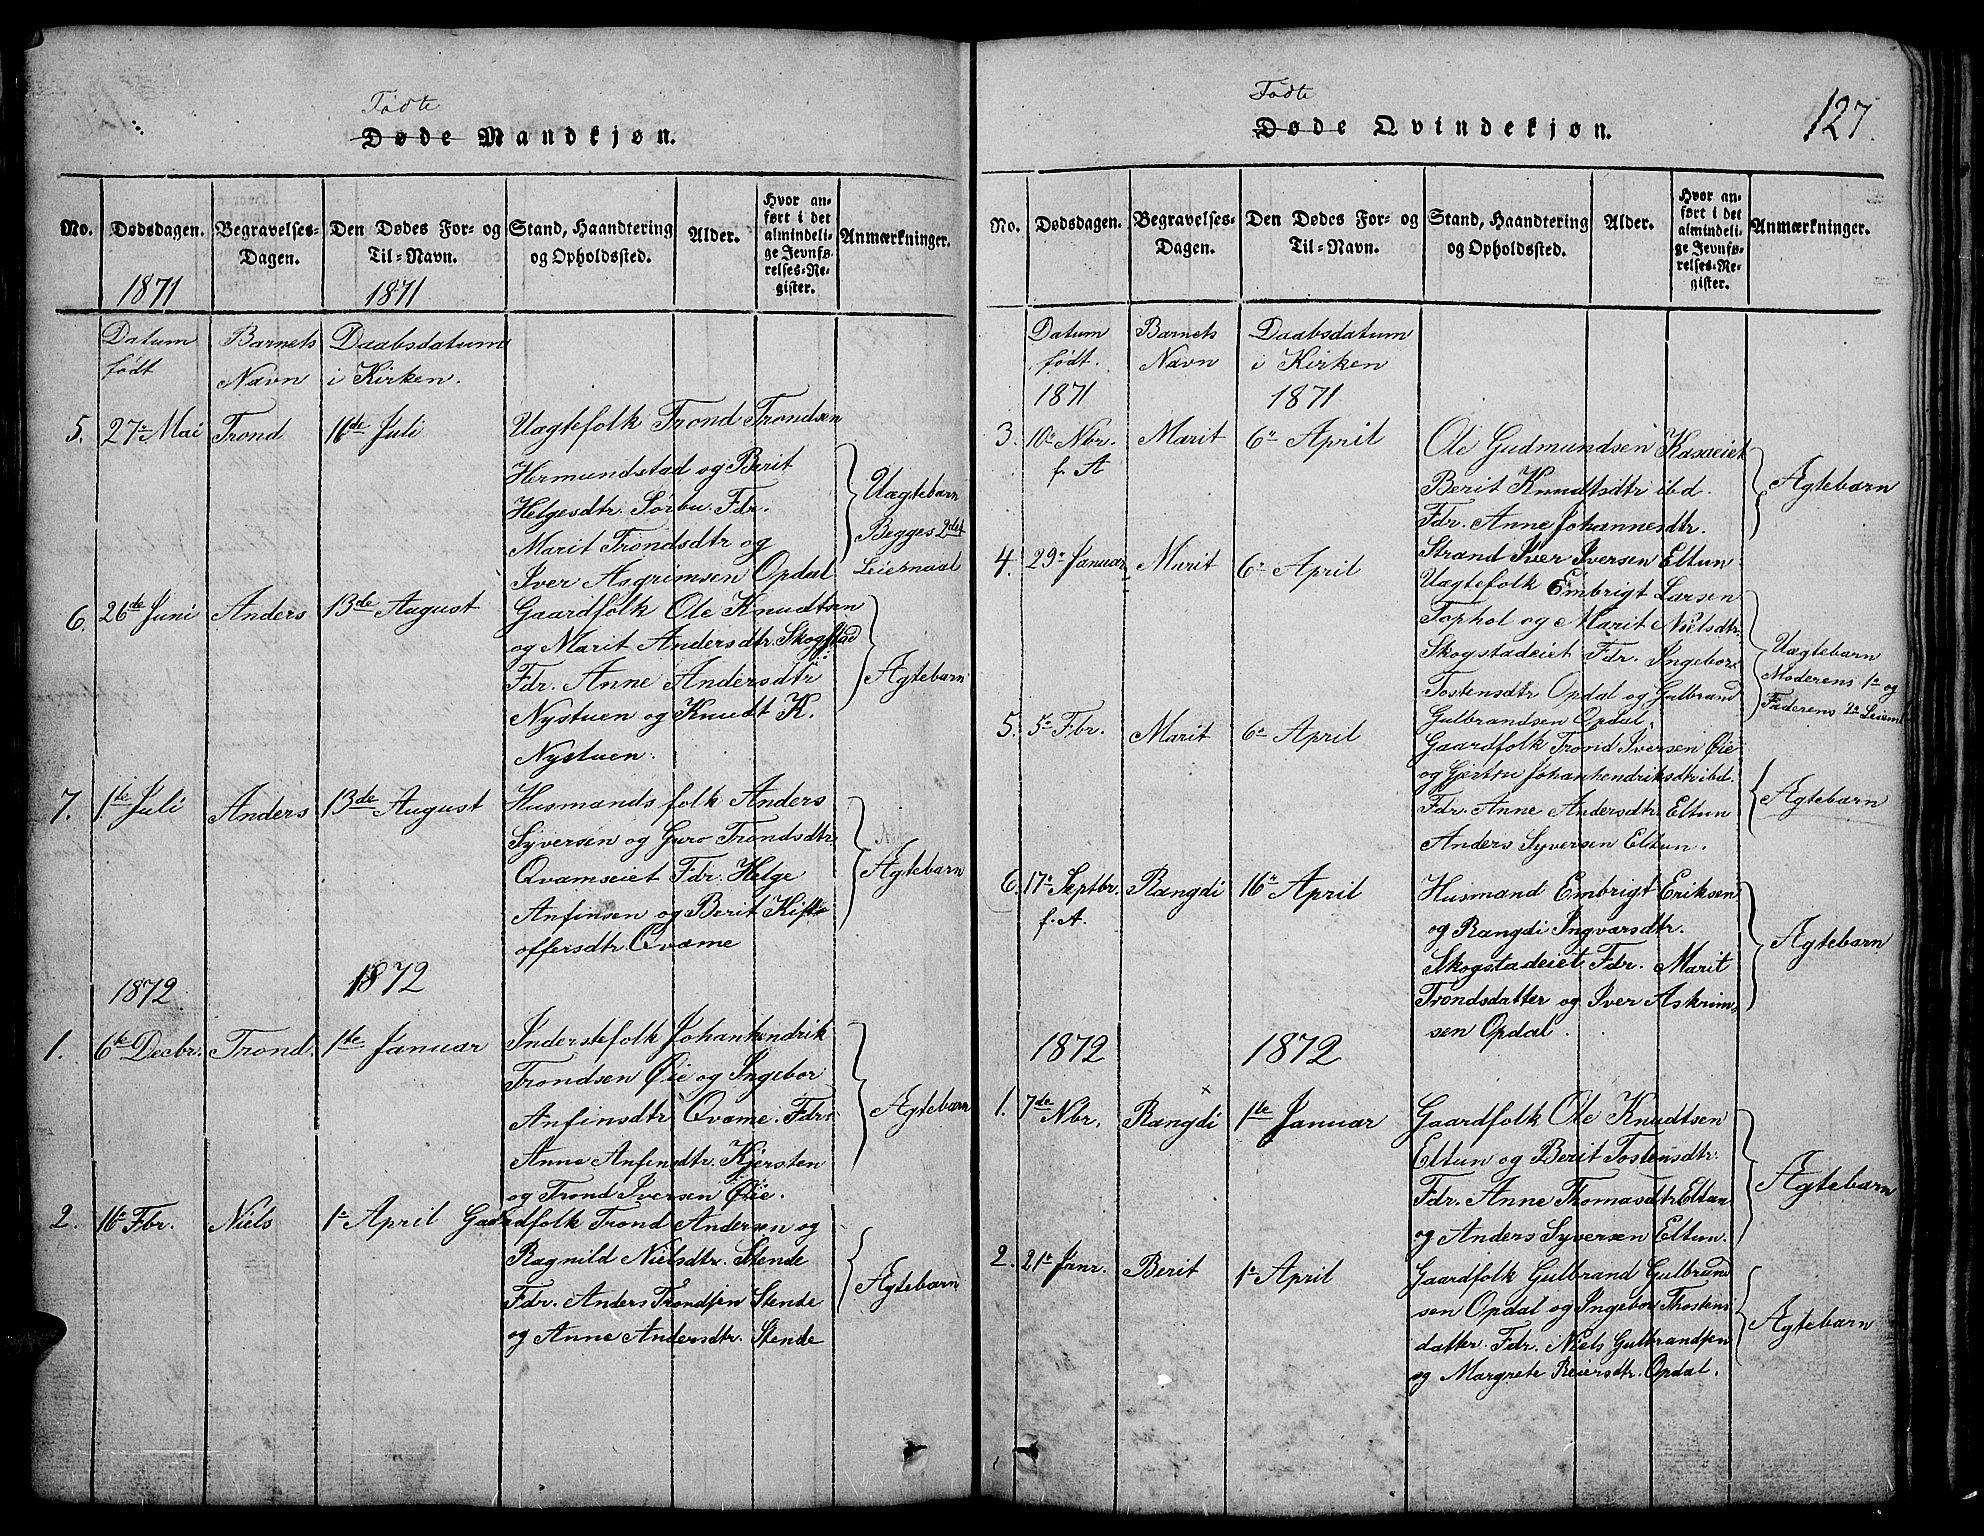 SAH, Vang prestekontor, Valdres, Klokkerbok nr. 2, 1814-1889, s. 127